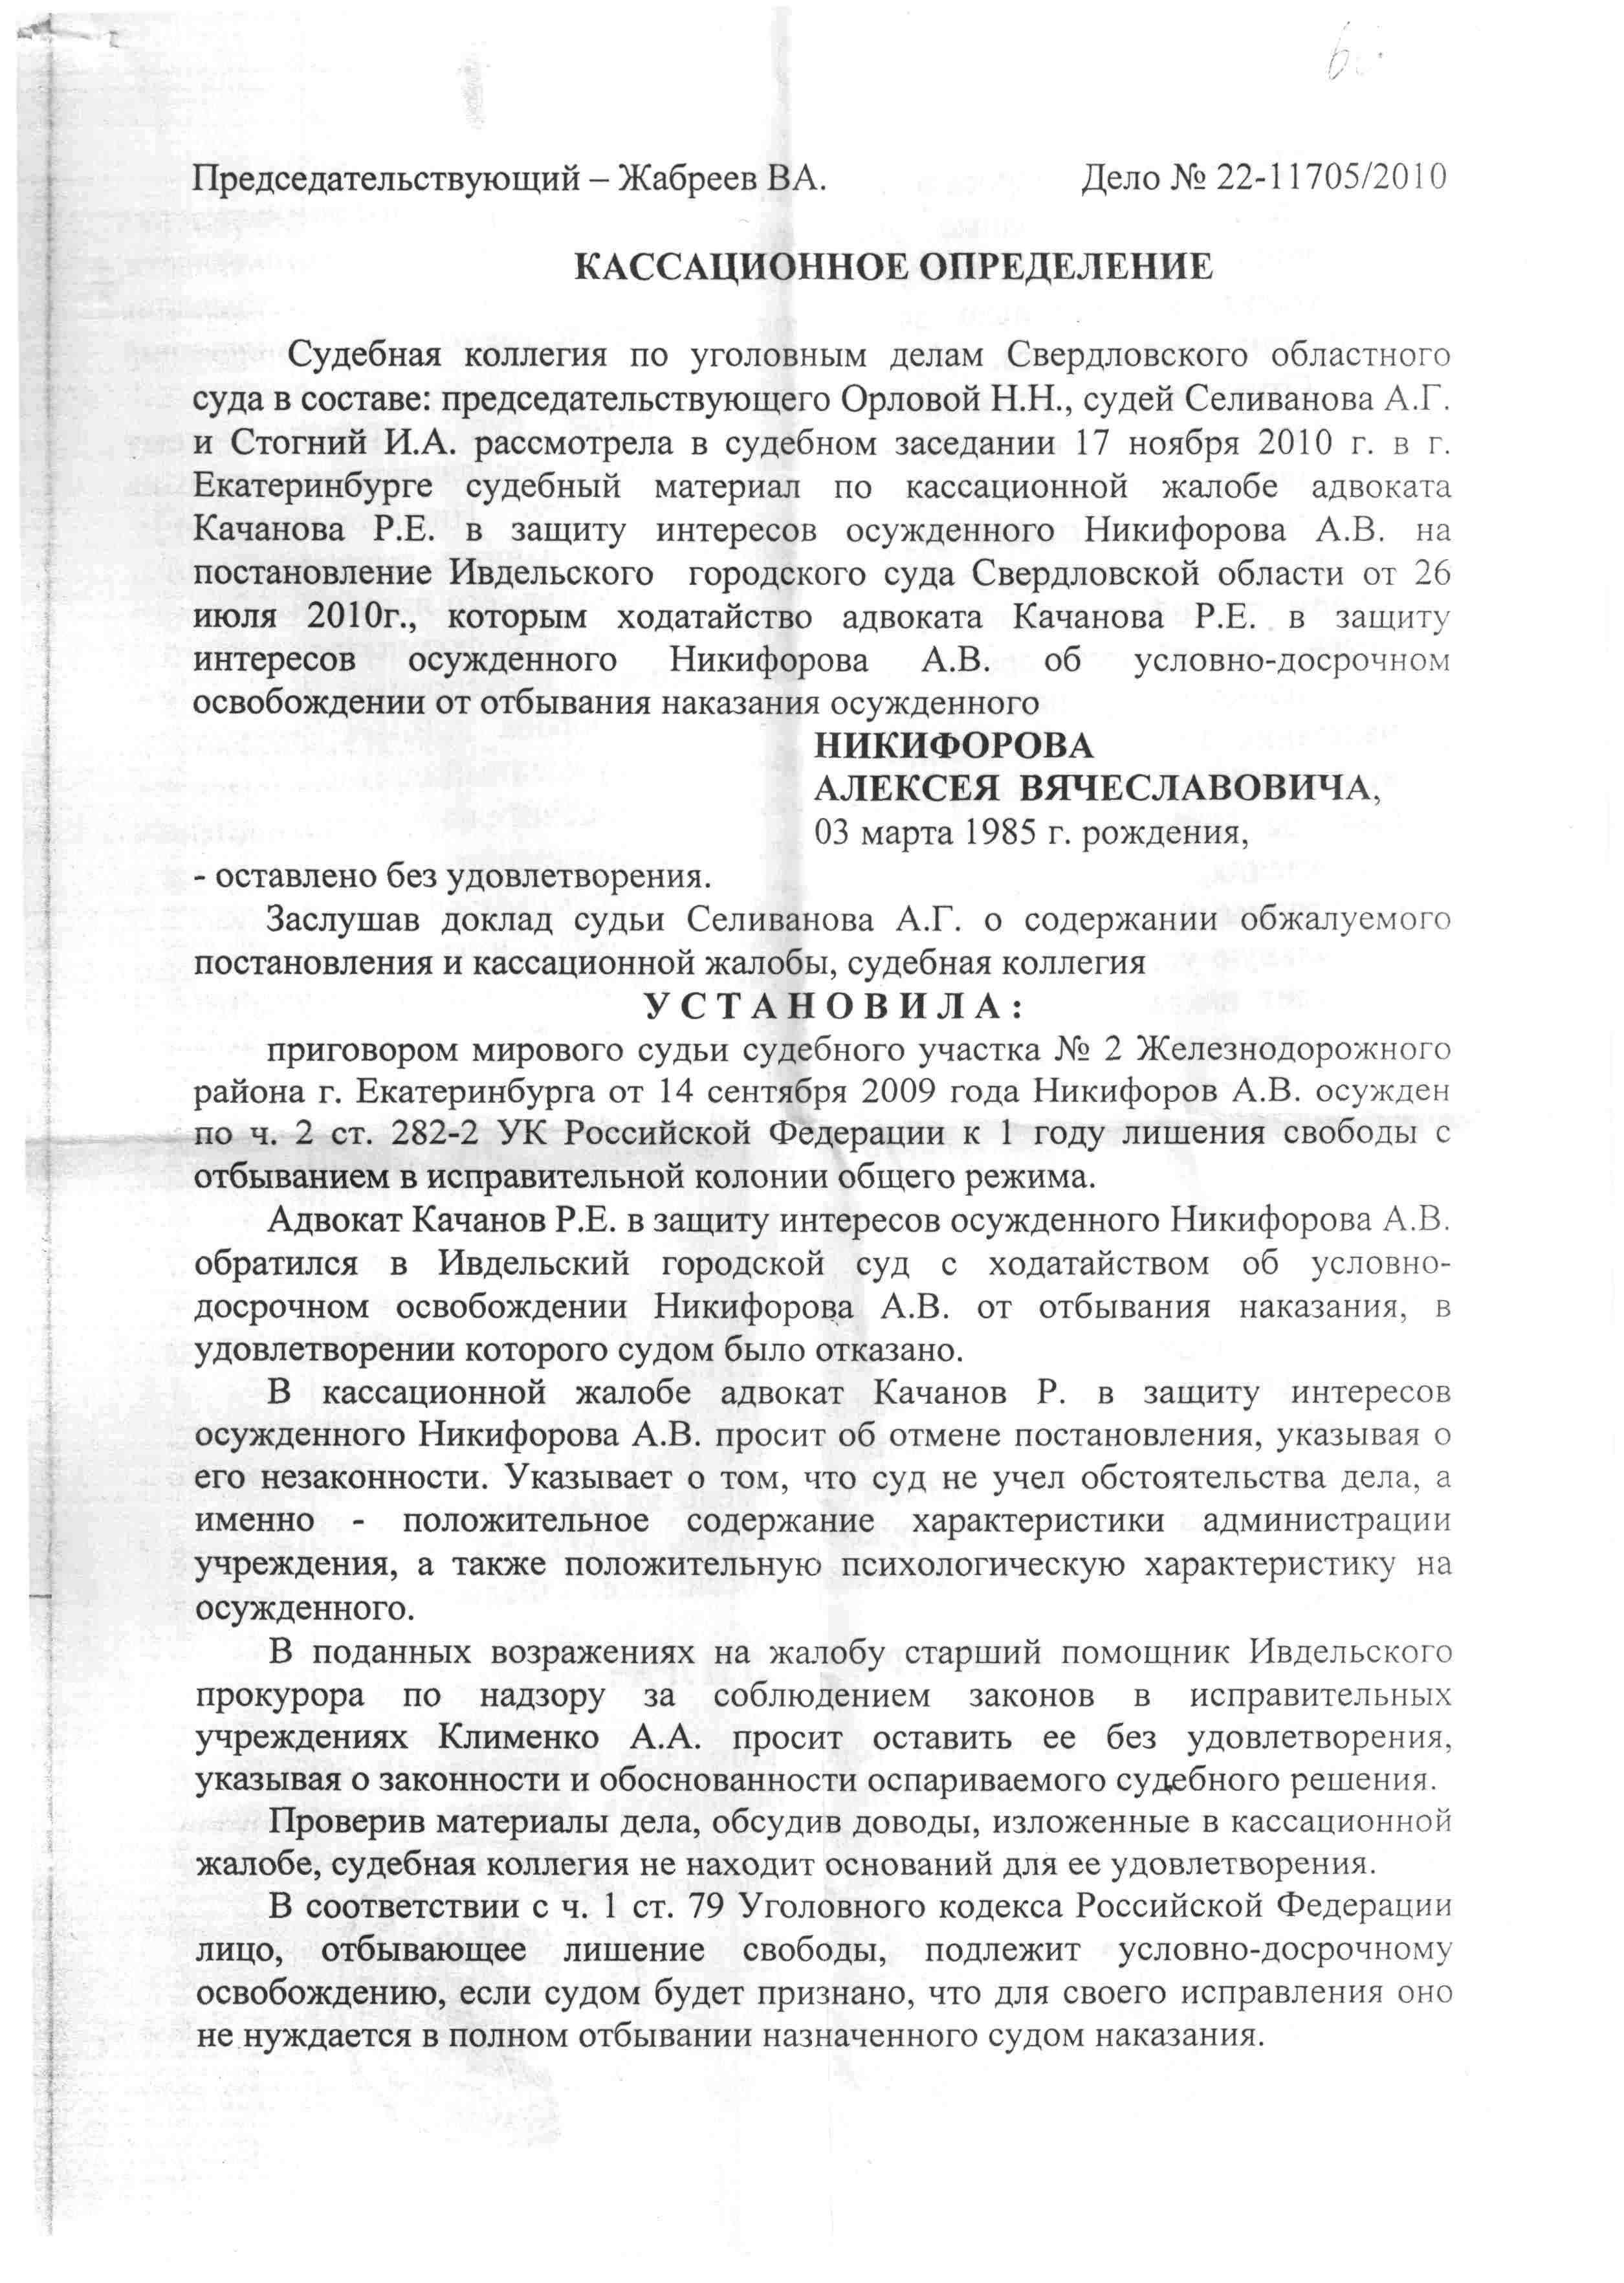 Надзорное определение судебной коллегии по уголовным делам вс рф